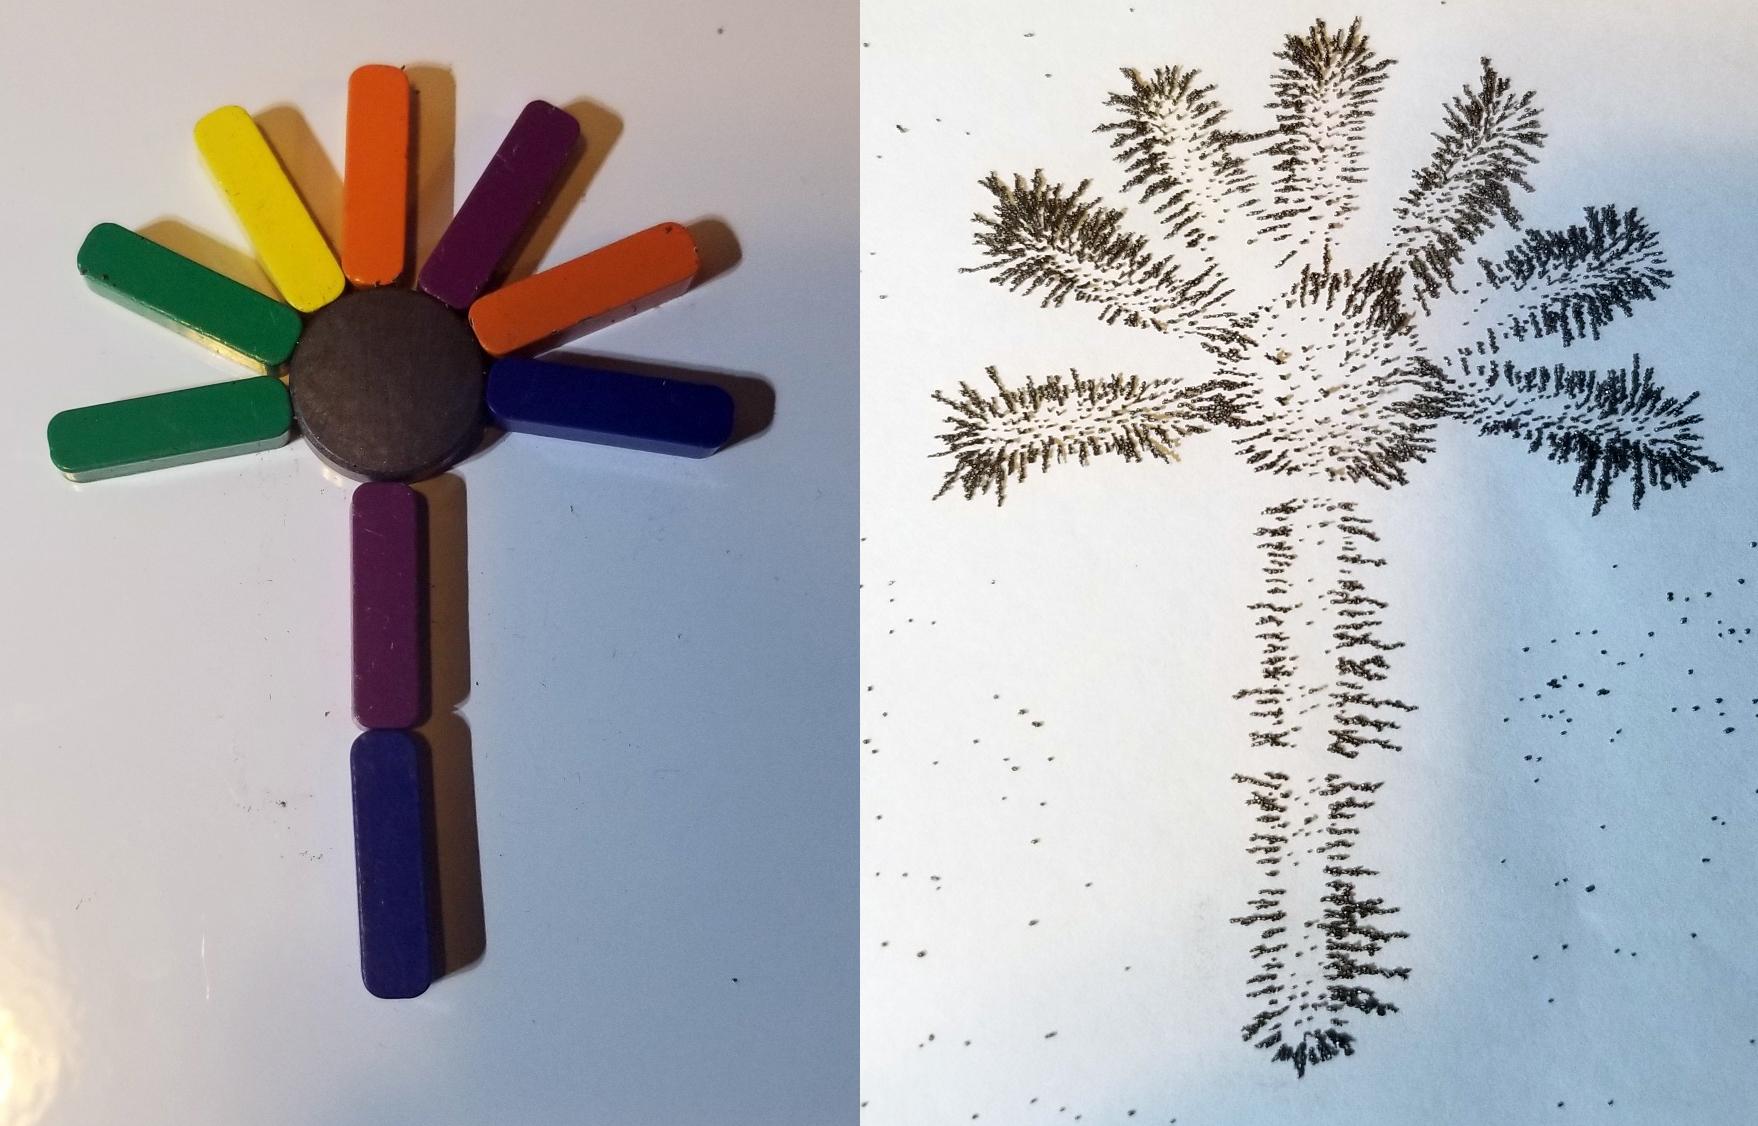 iron filing flower art